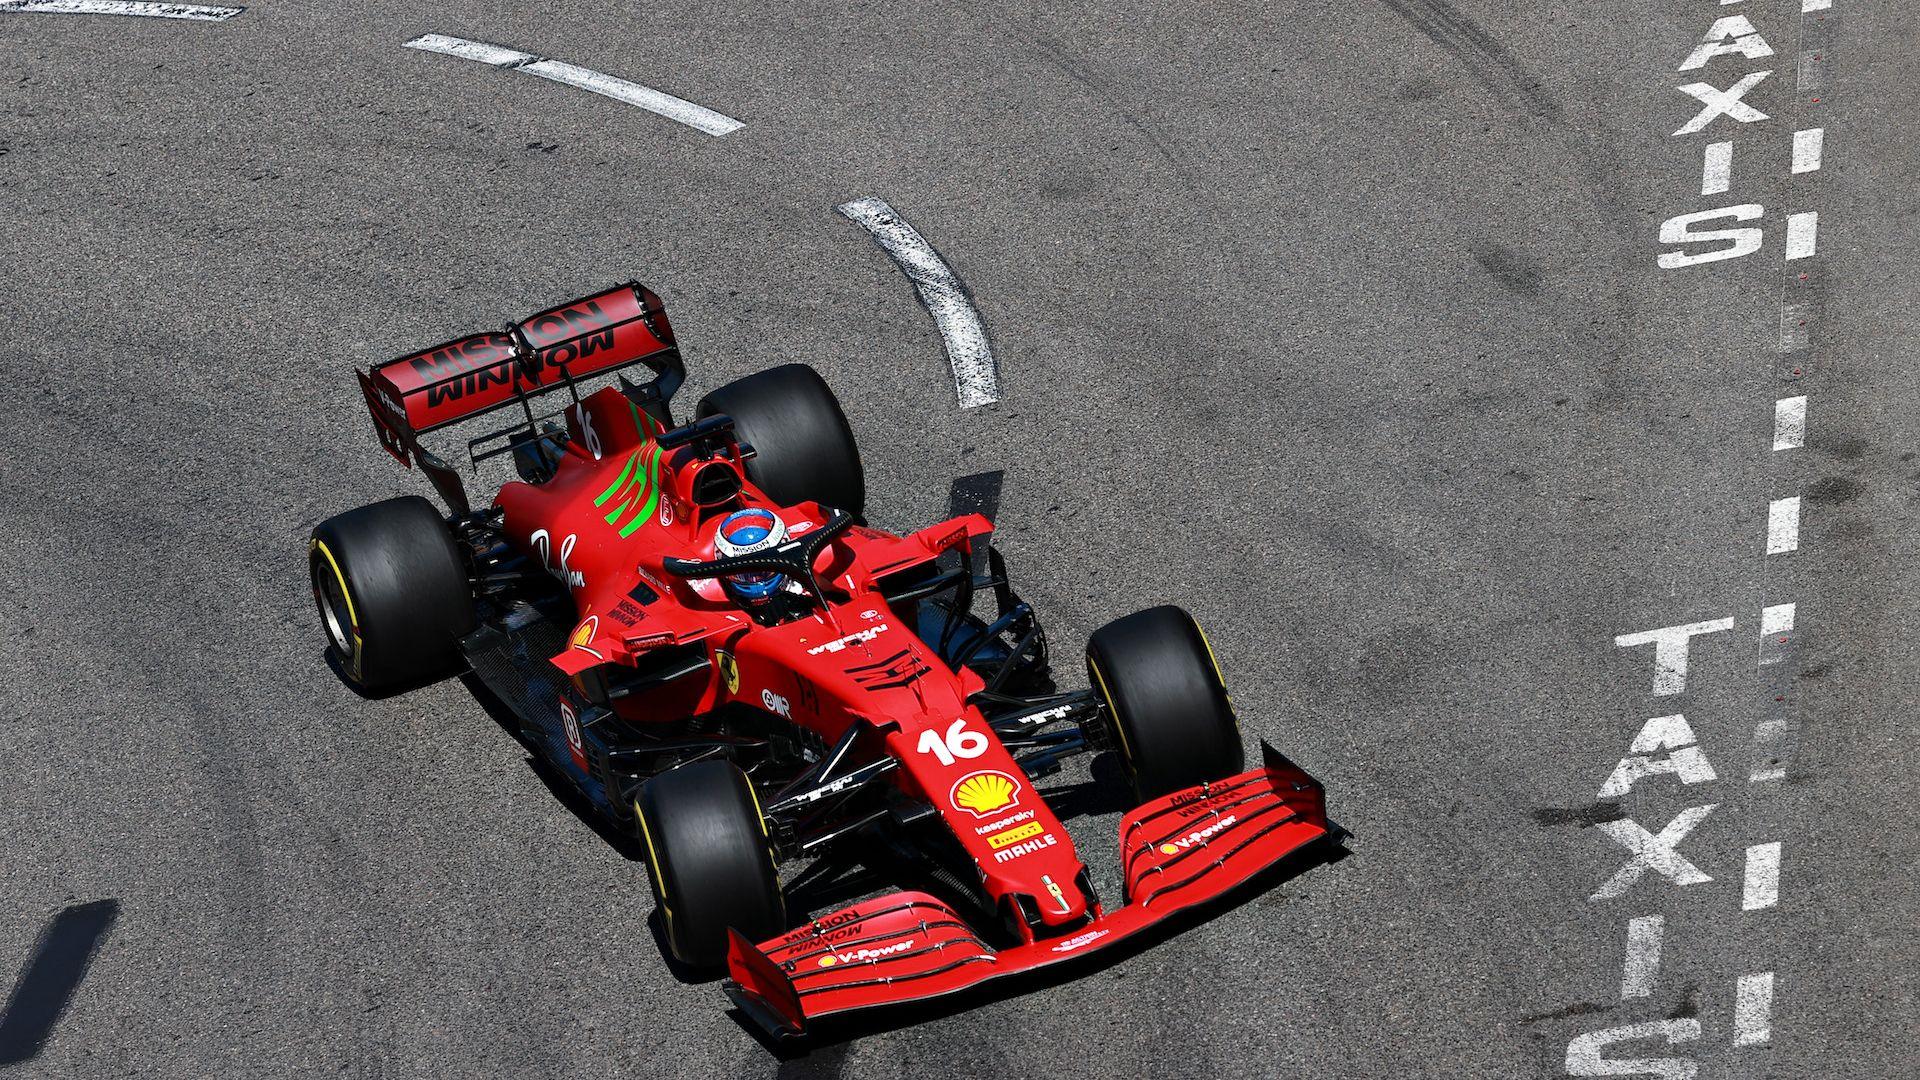 """Леклер се разби, но донесе първи полпозишън за сезона на """"Ферари"""""""